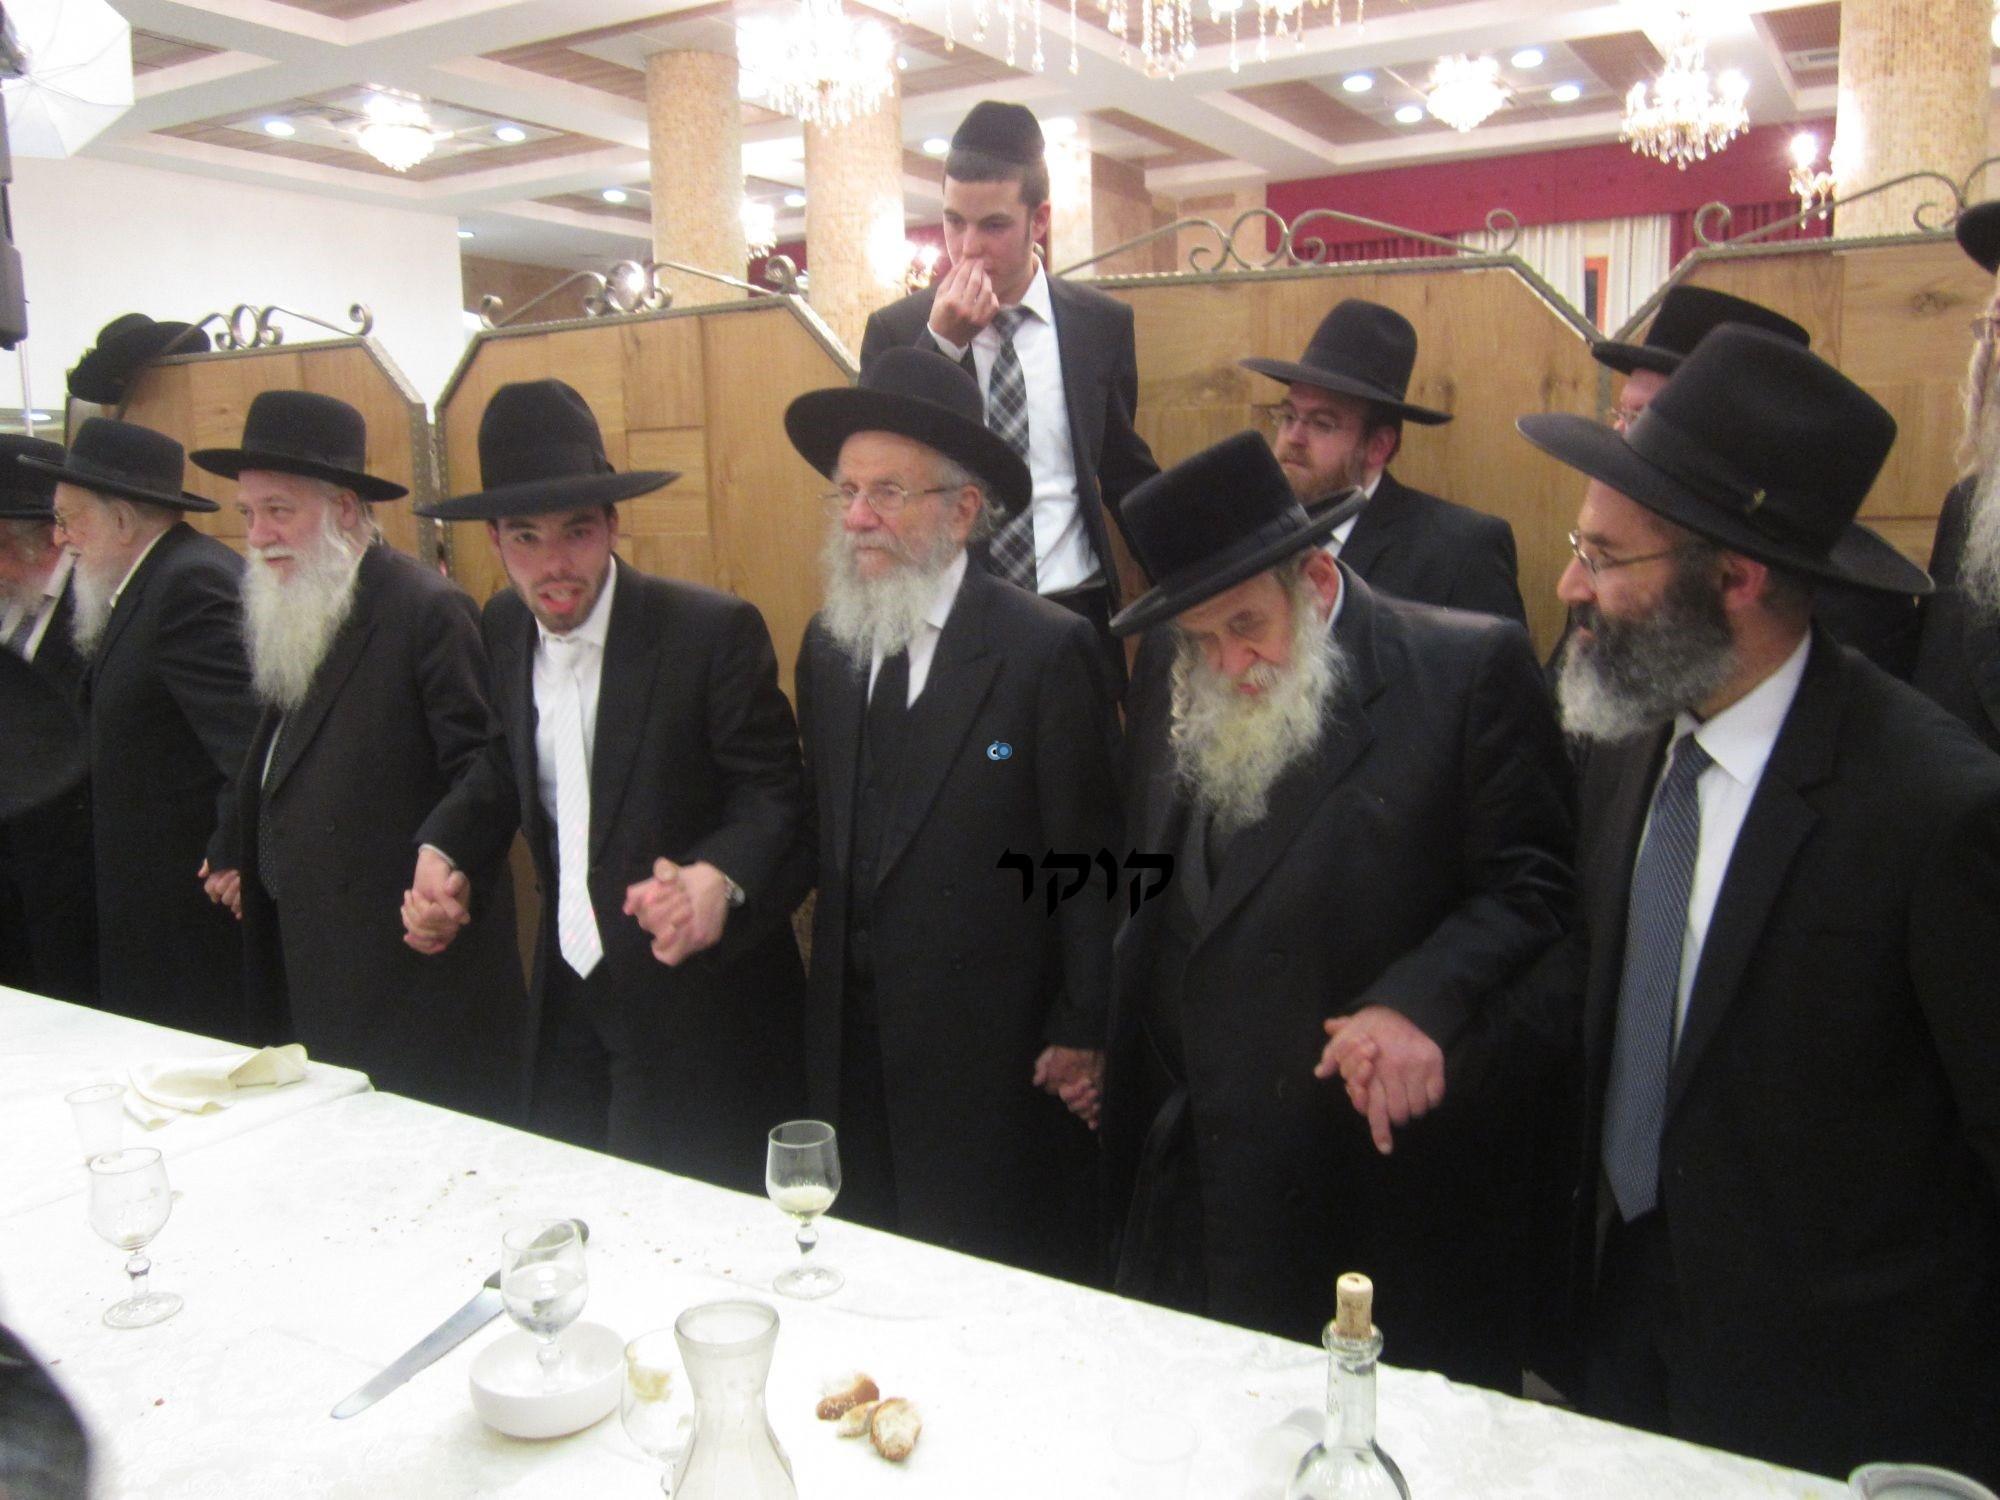 אדמו''ר מ טשערנוביל מטשערנוביל, חתונה, הרב יעקב אדלשטיין אדלשטין (10)